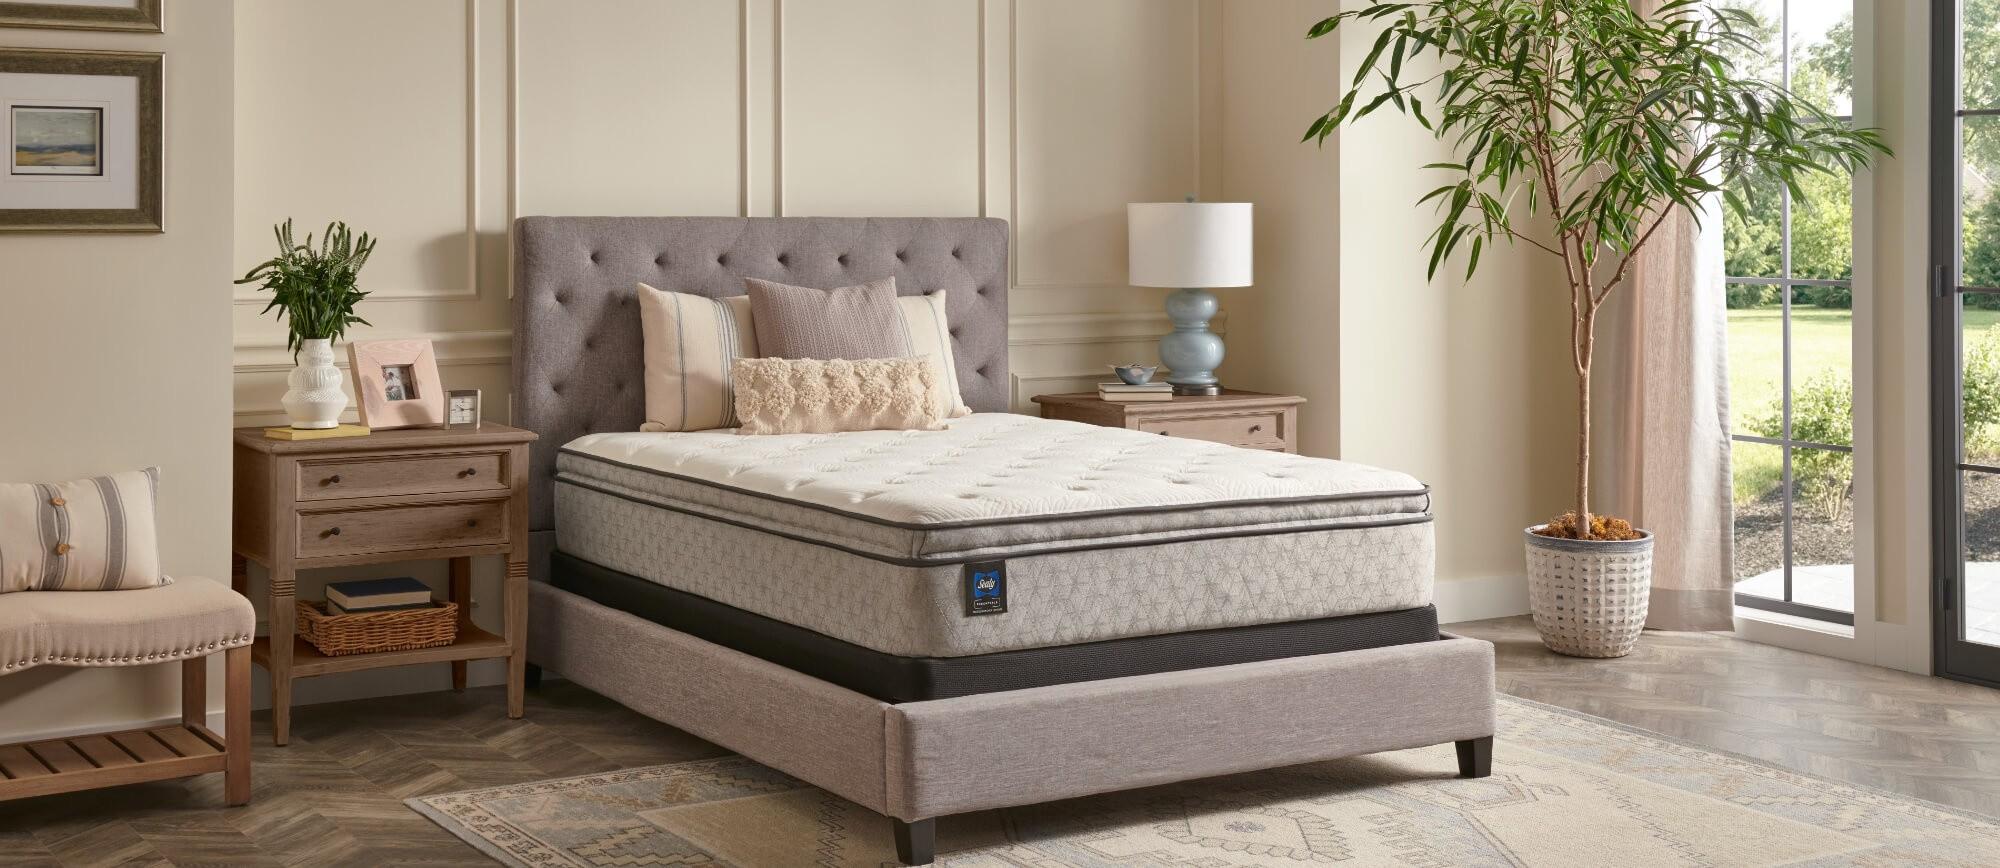 Essentials Pillowtop mattress